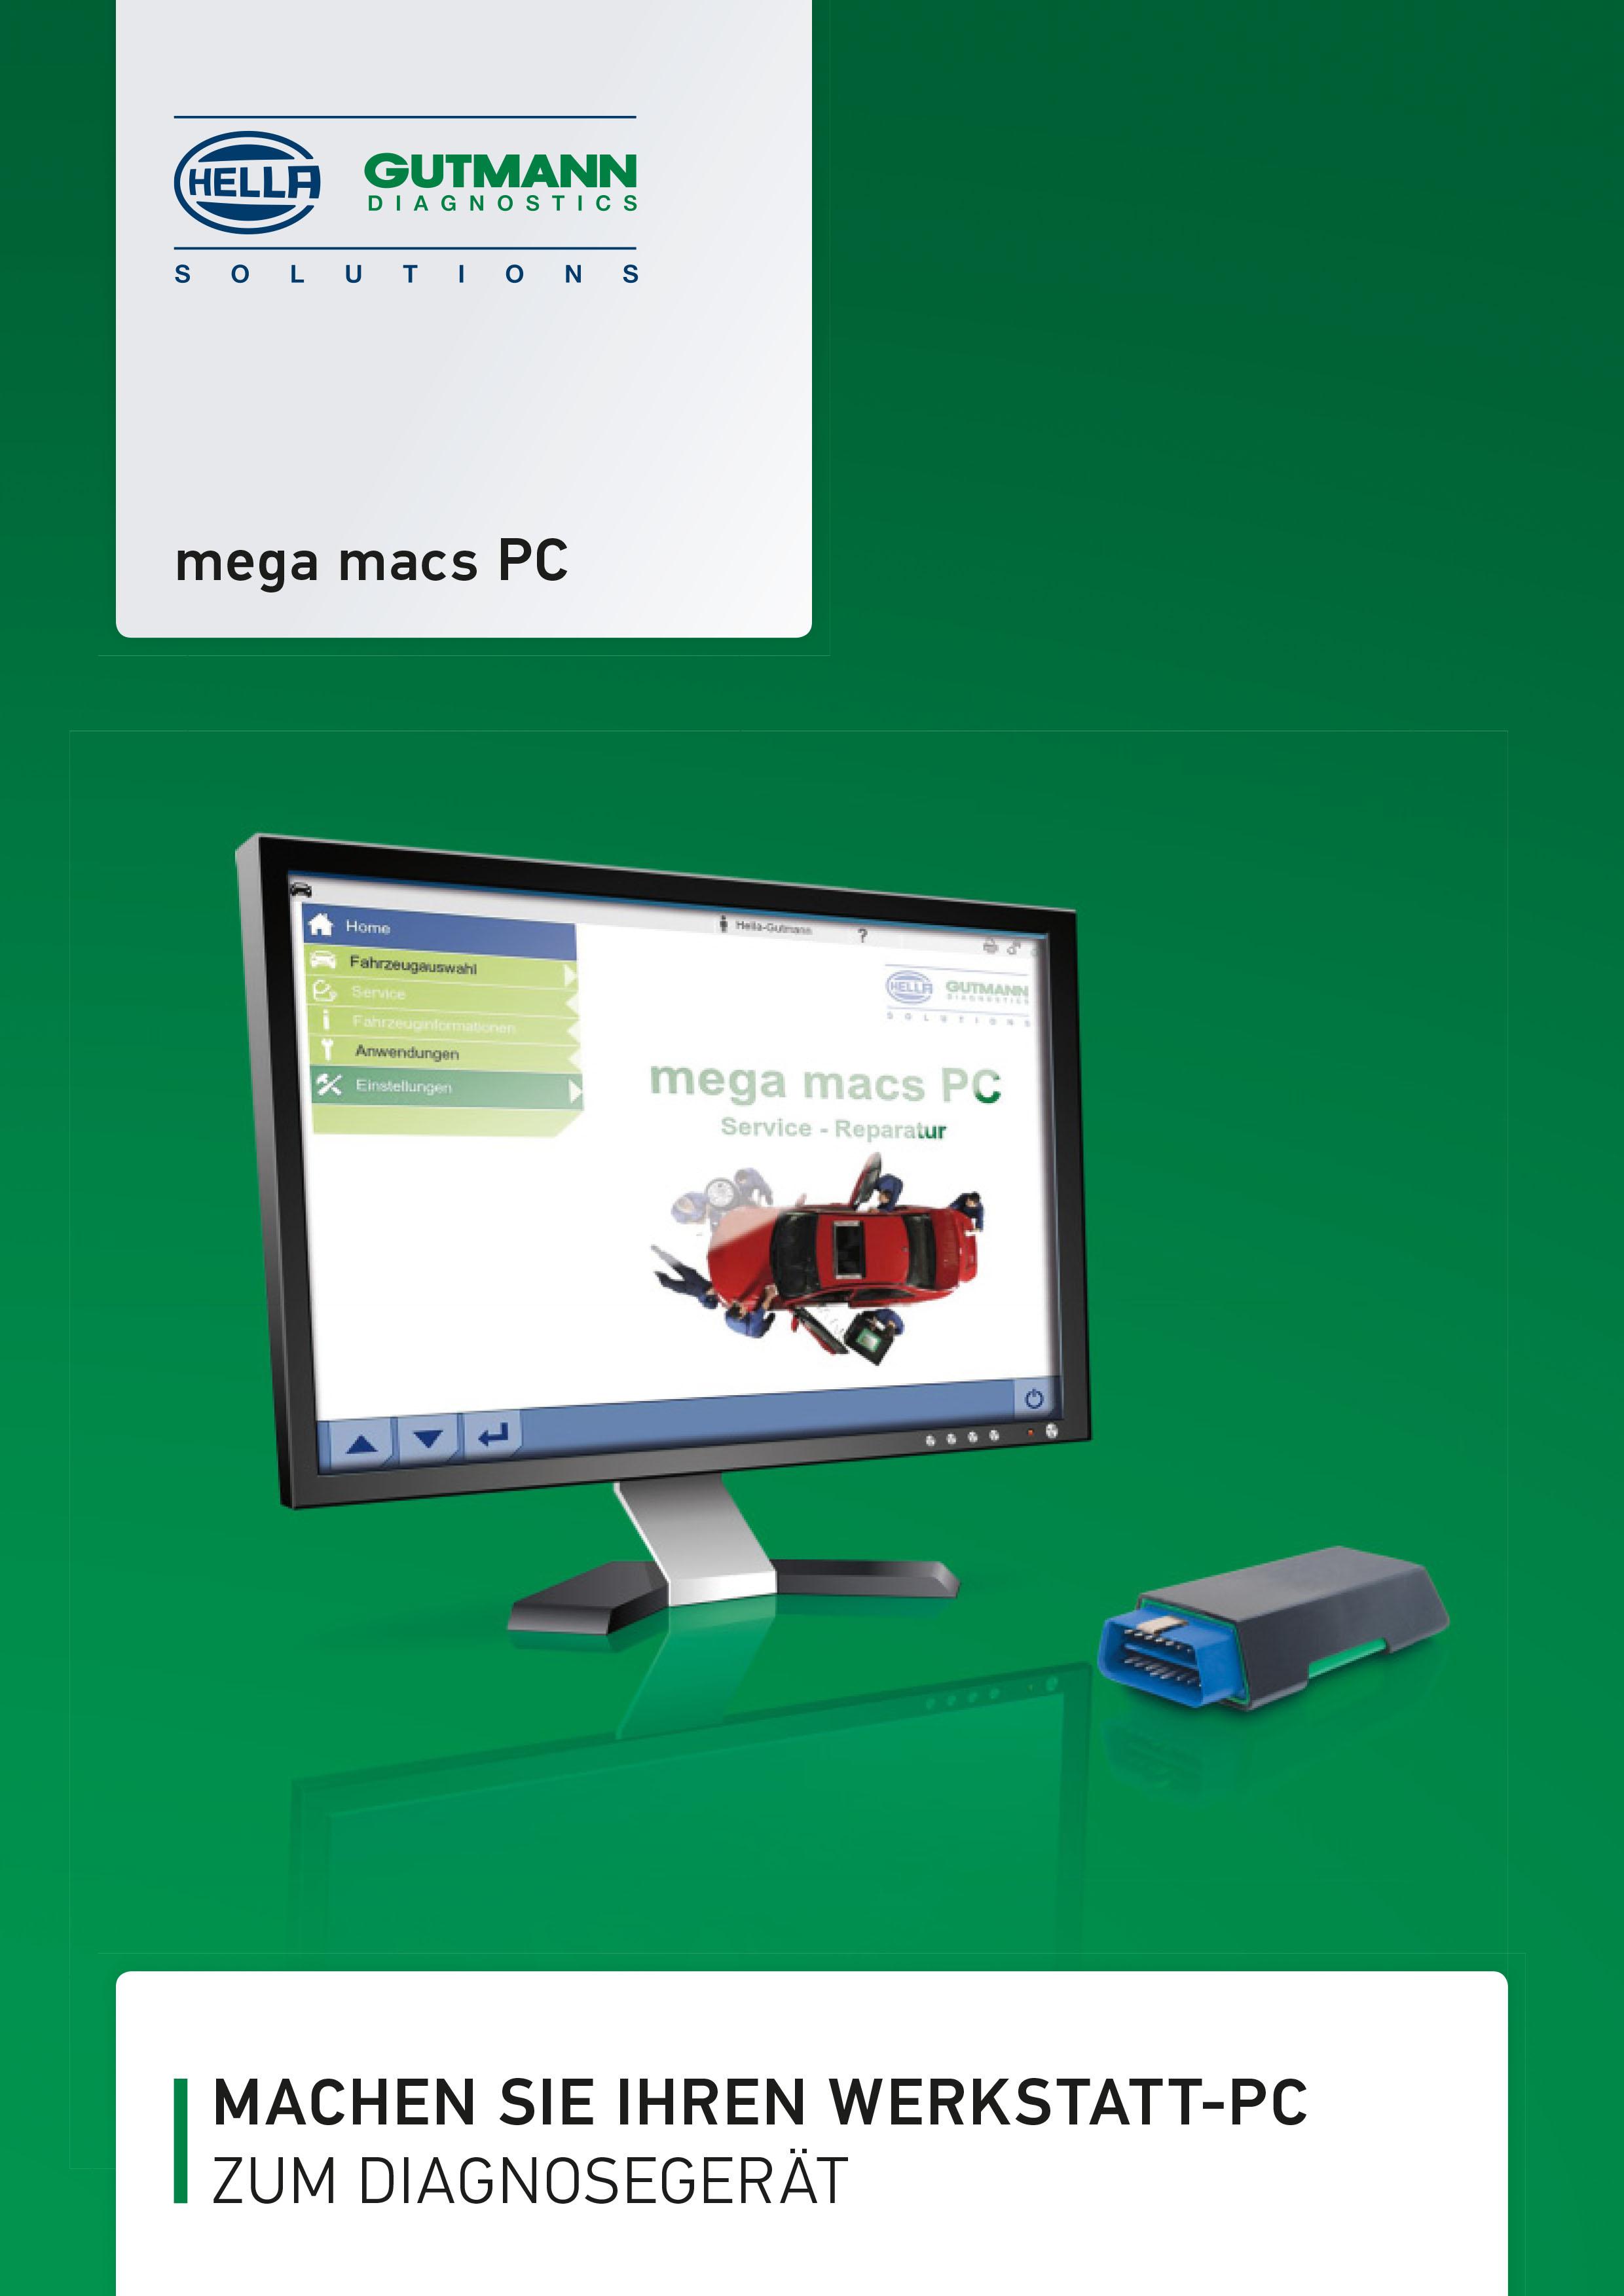 csm_megamacs_PC_de_8edac71f07.jpg